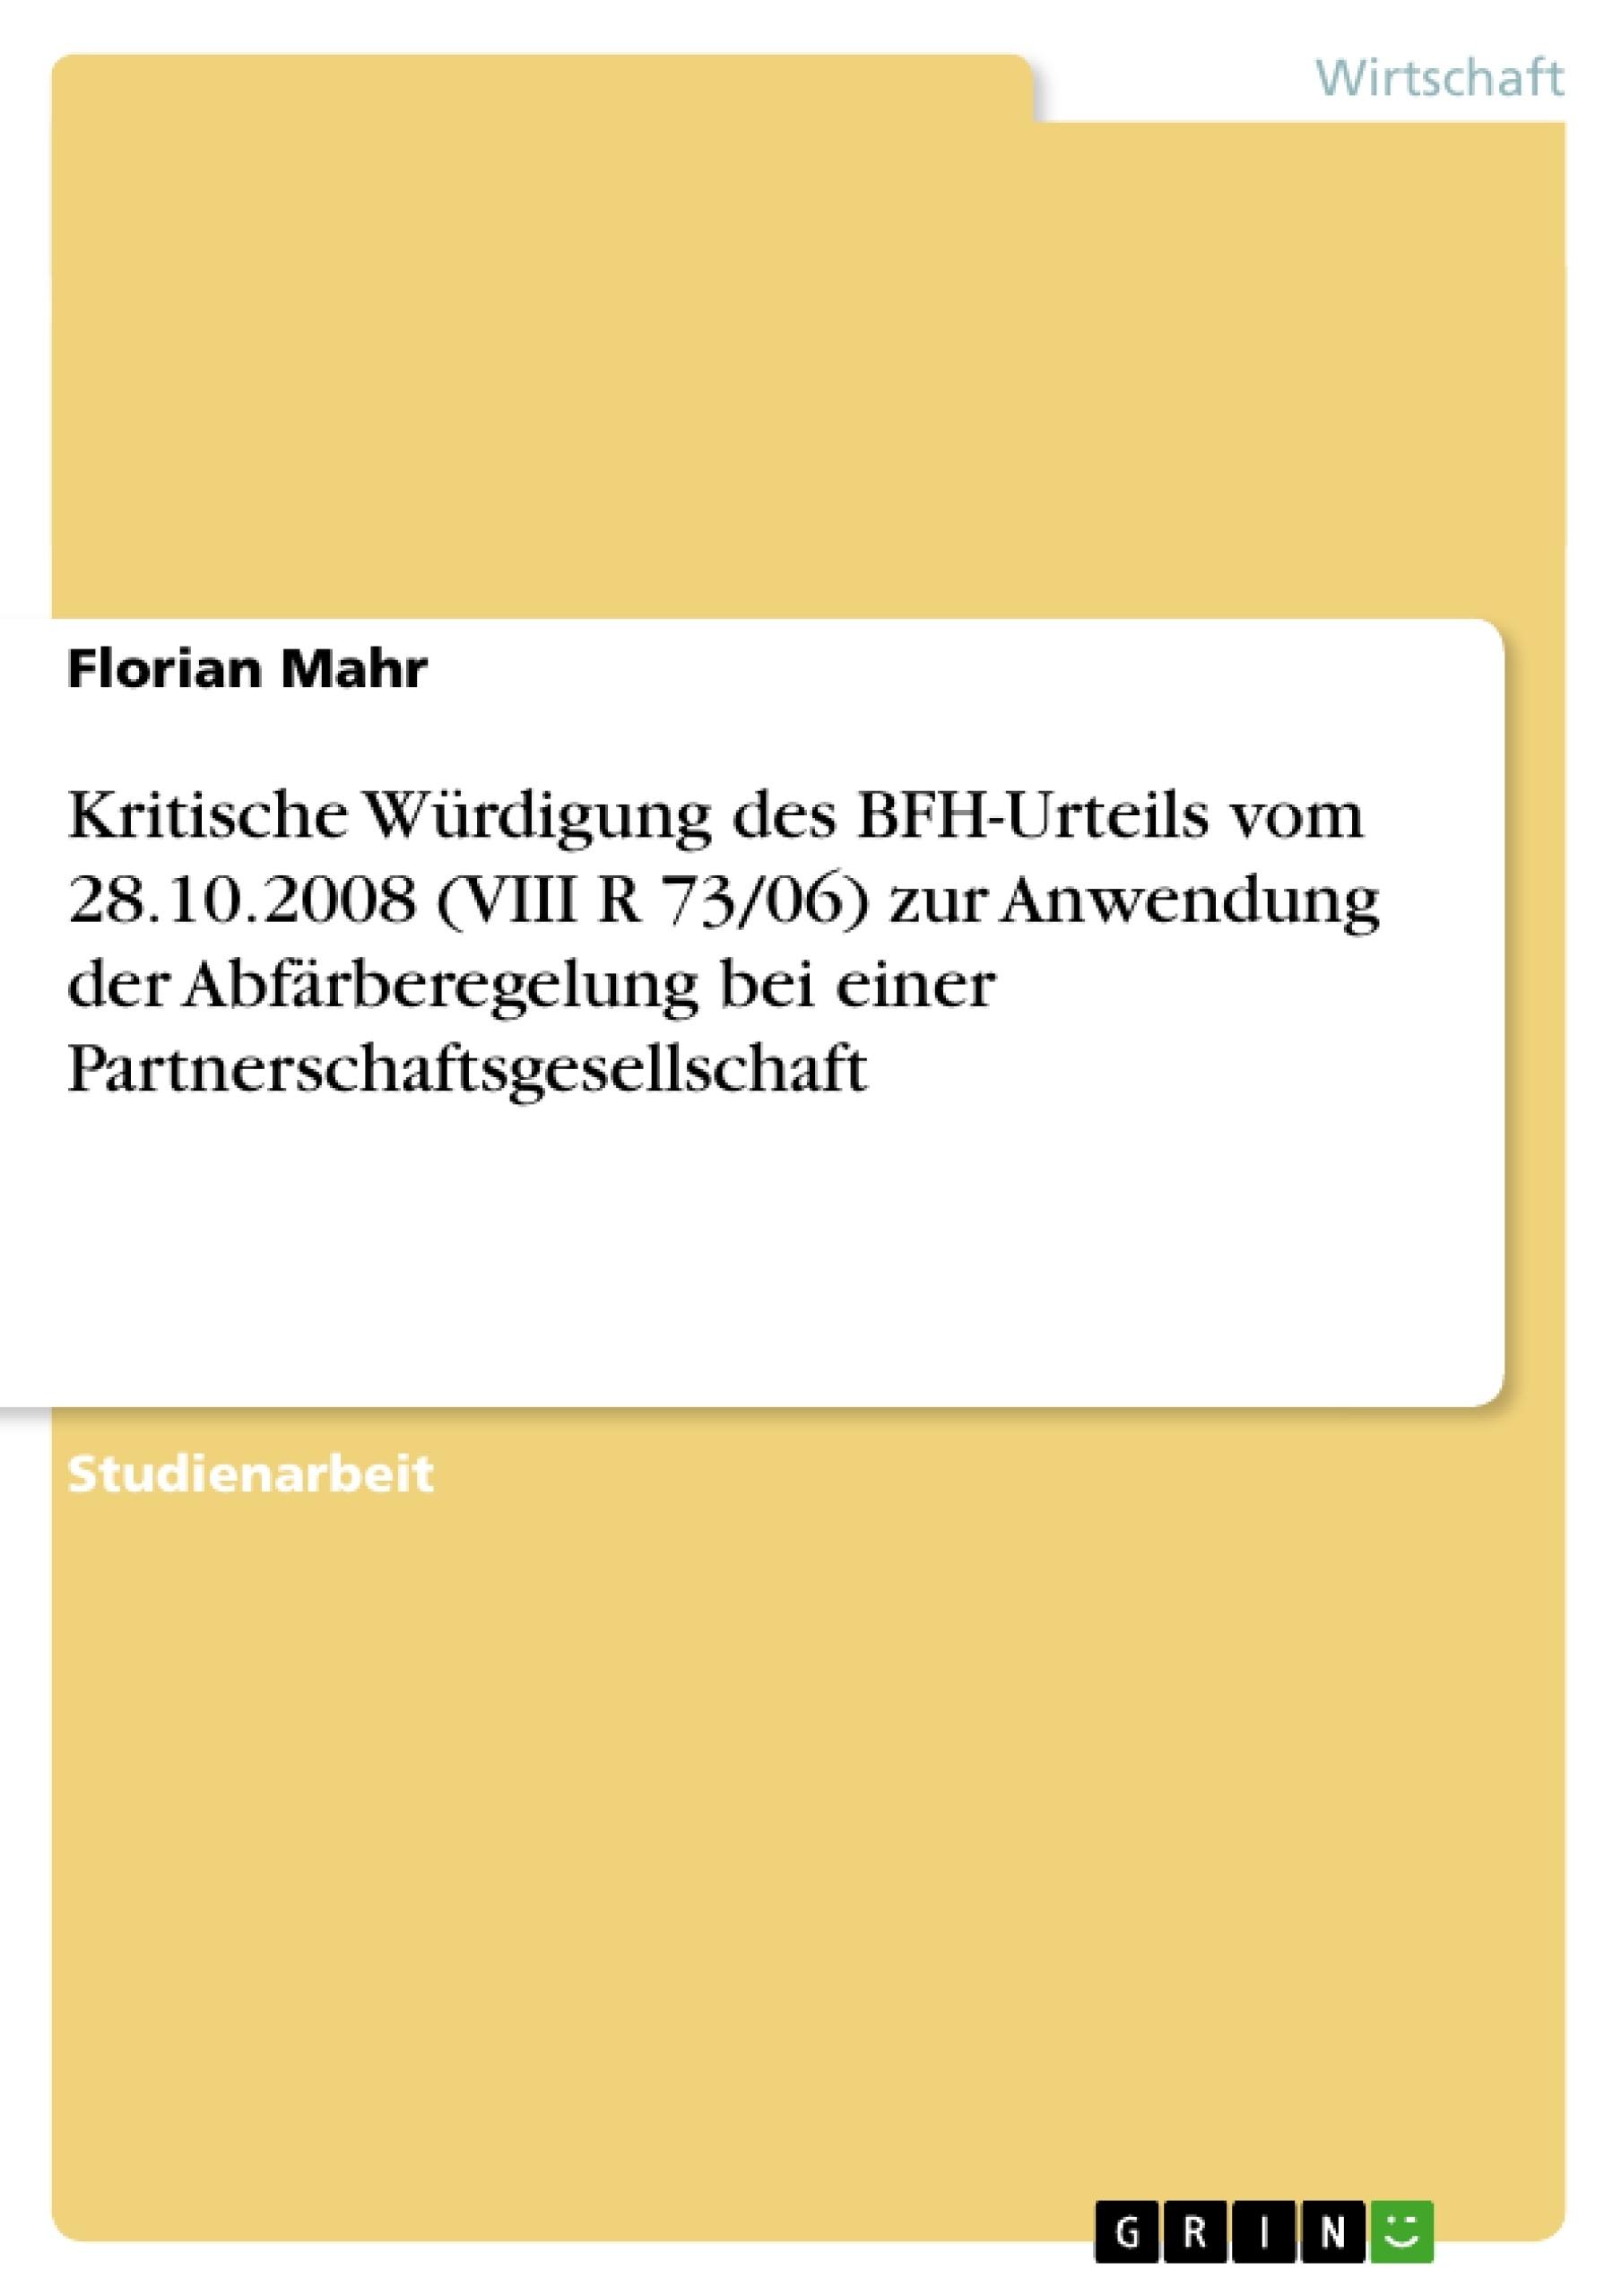 Titel: Kritische Würdigung des BFH-Urteils vom 28.10.2008 (VIII R 73/06) zur Anwendung der Abfärberegelung bei einer Partnerschaftsgesellschaft